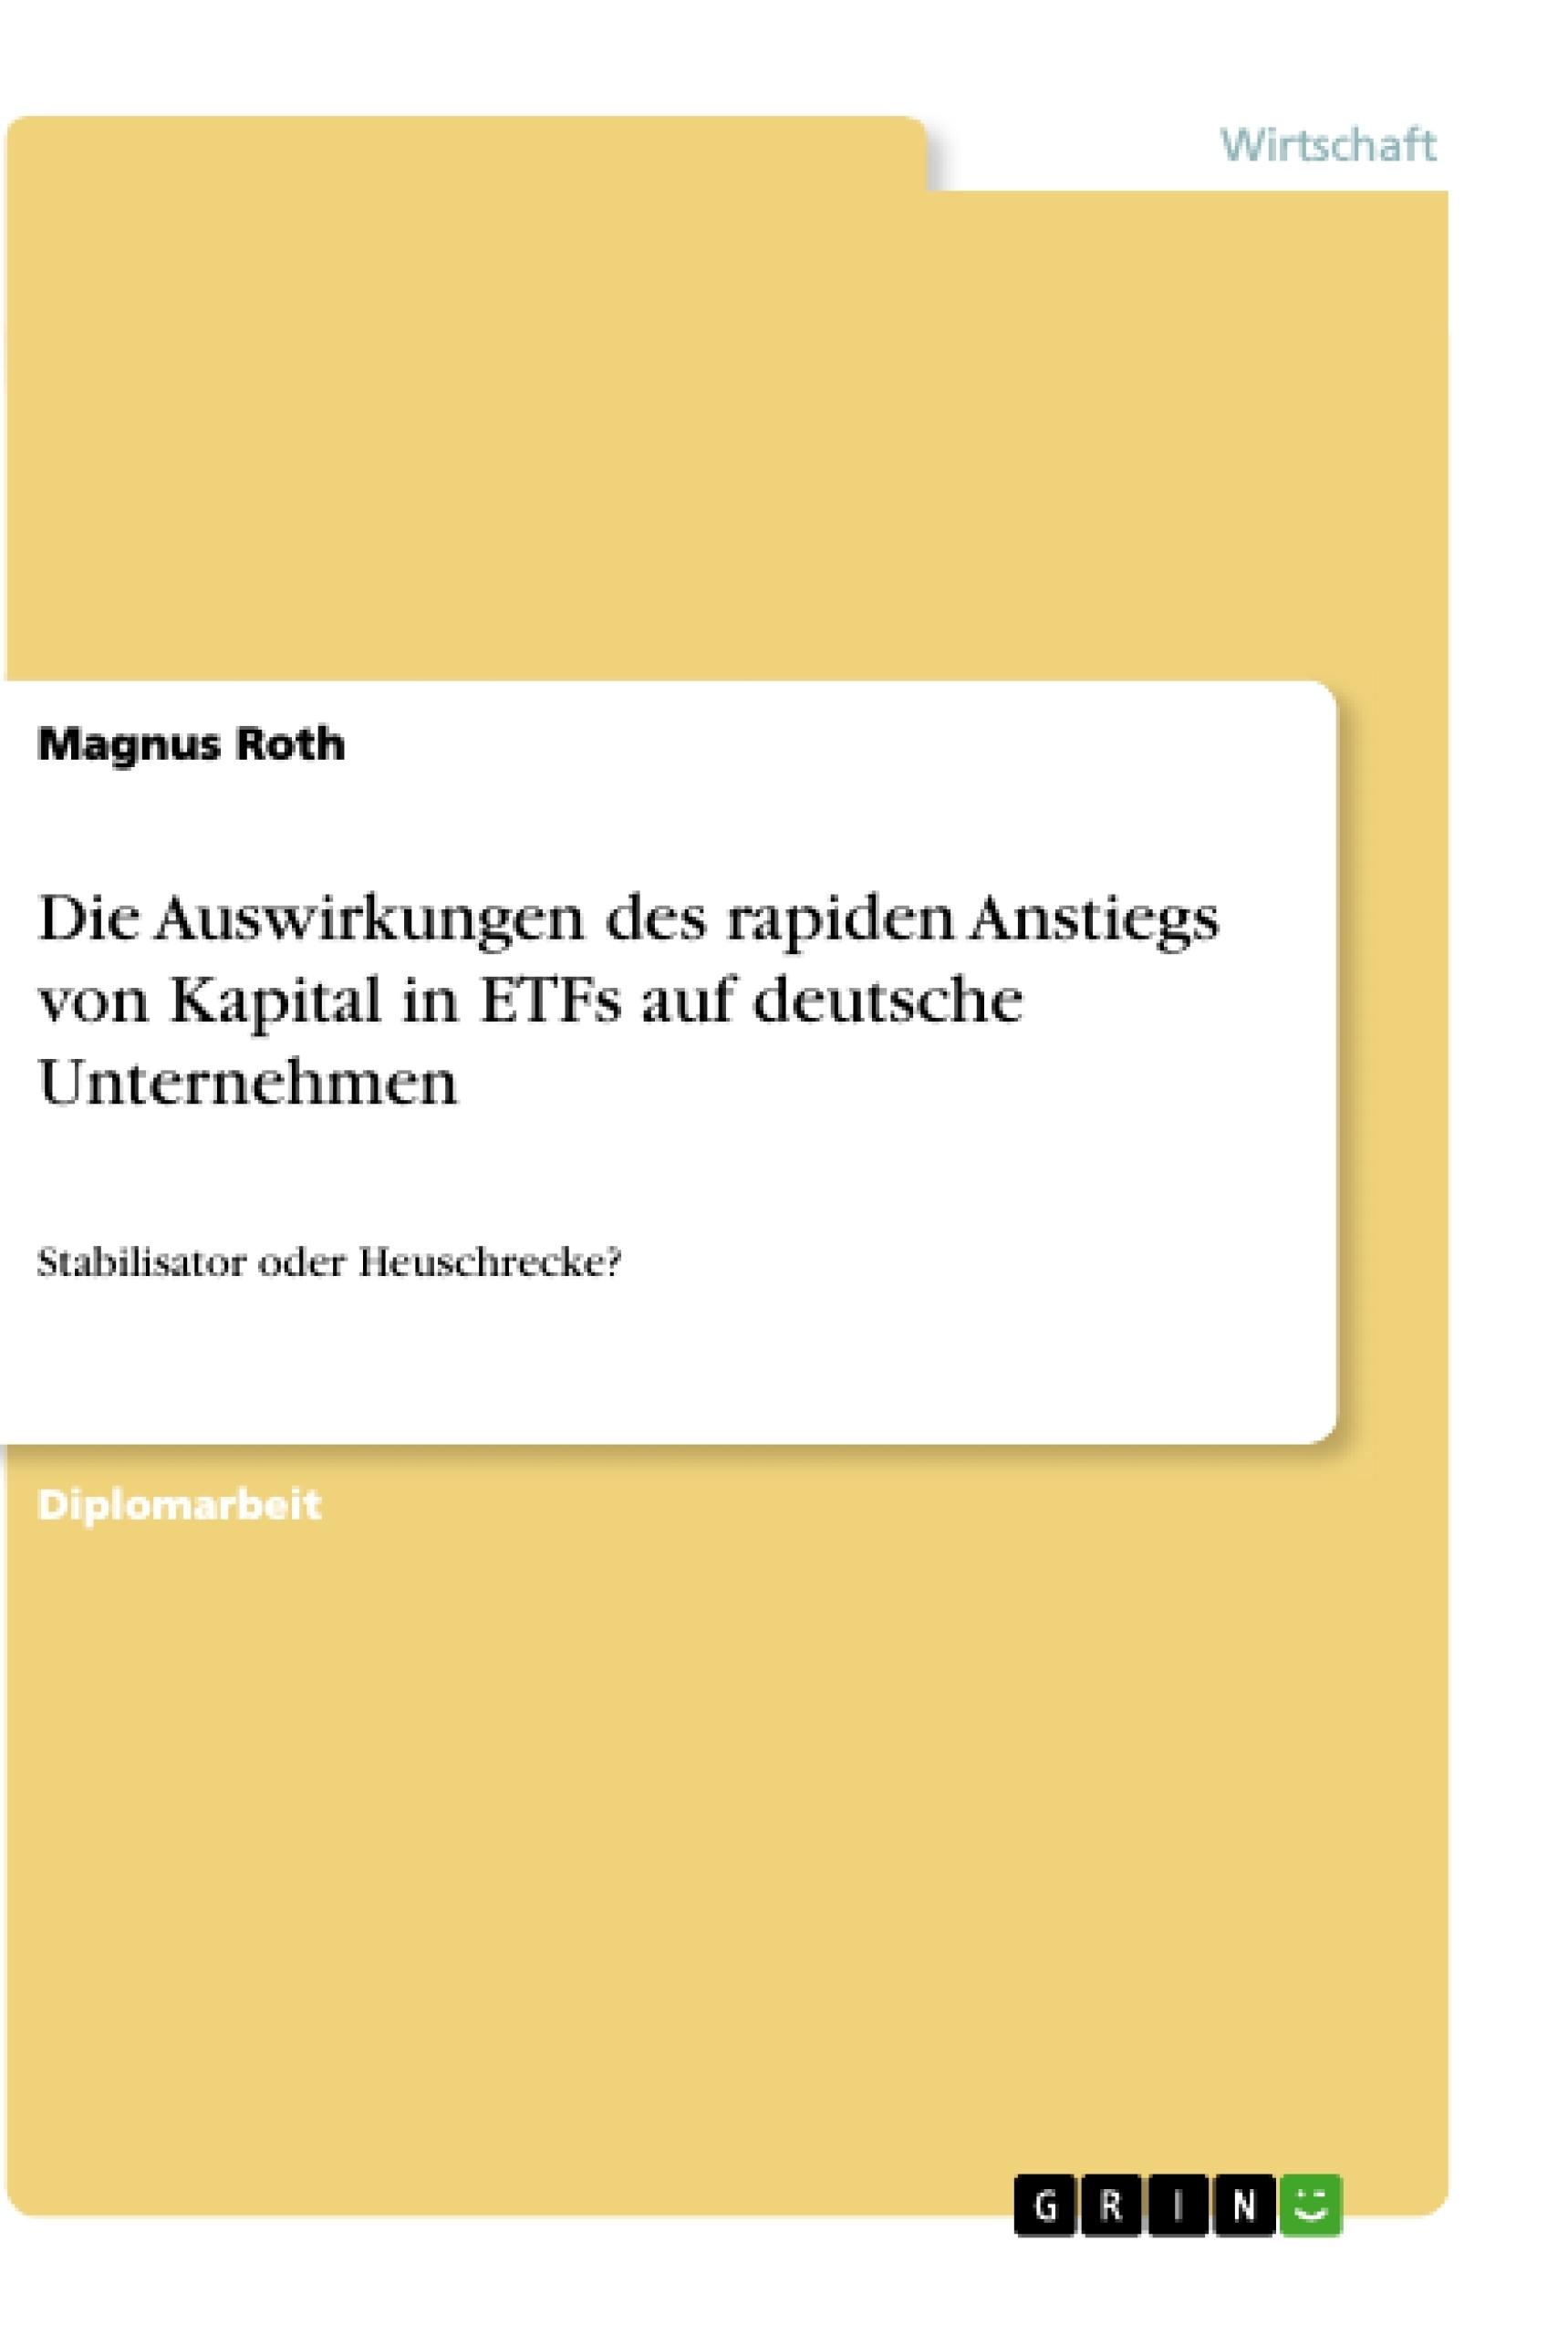 Titel: Die Auswirkungen des rapiden Anstiegs von Kapital in ETFs auf deutsche Unternehmen